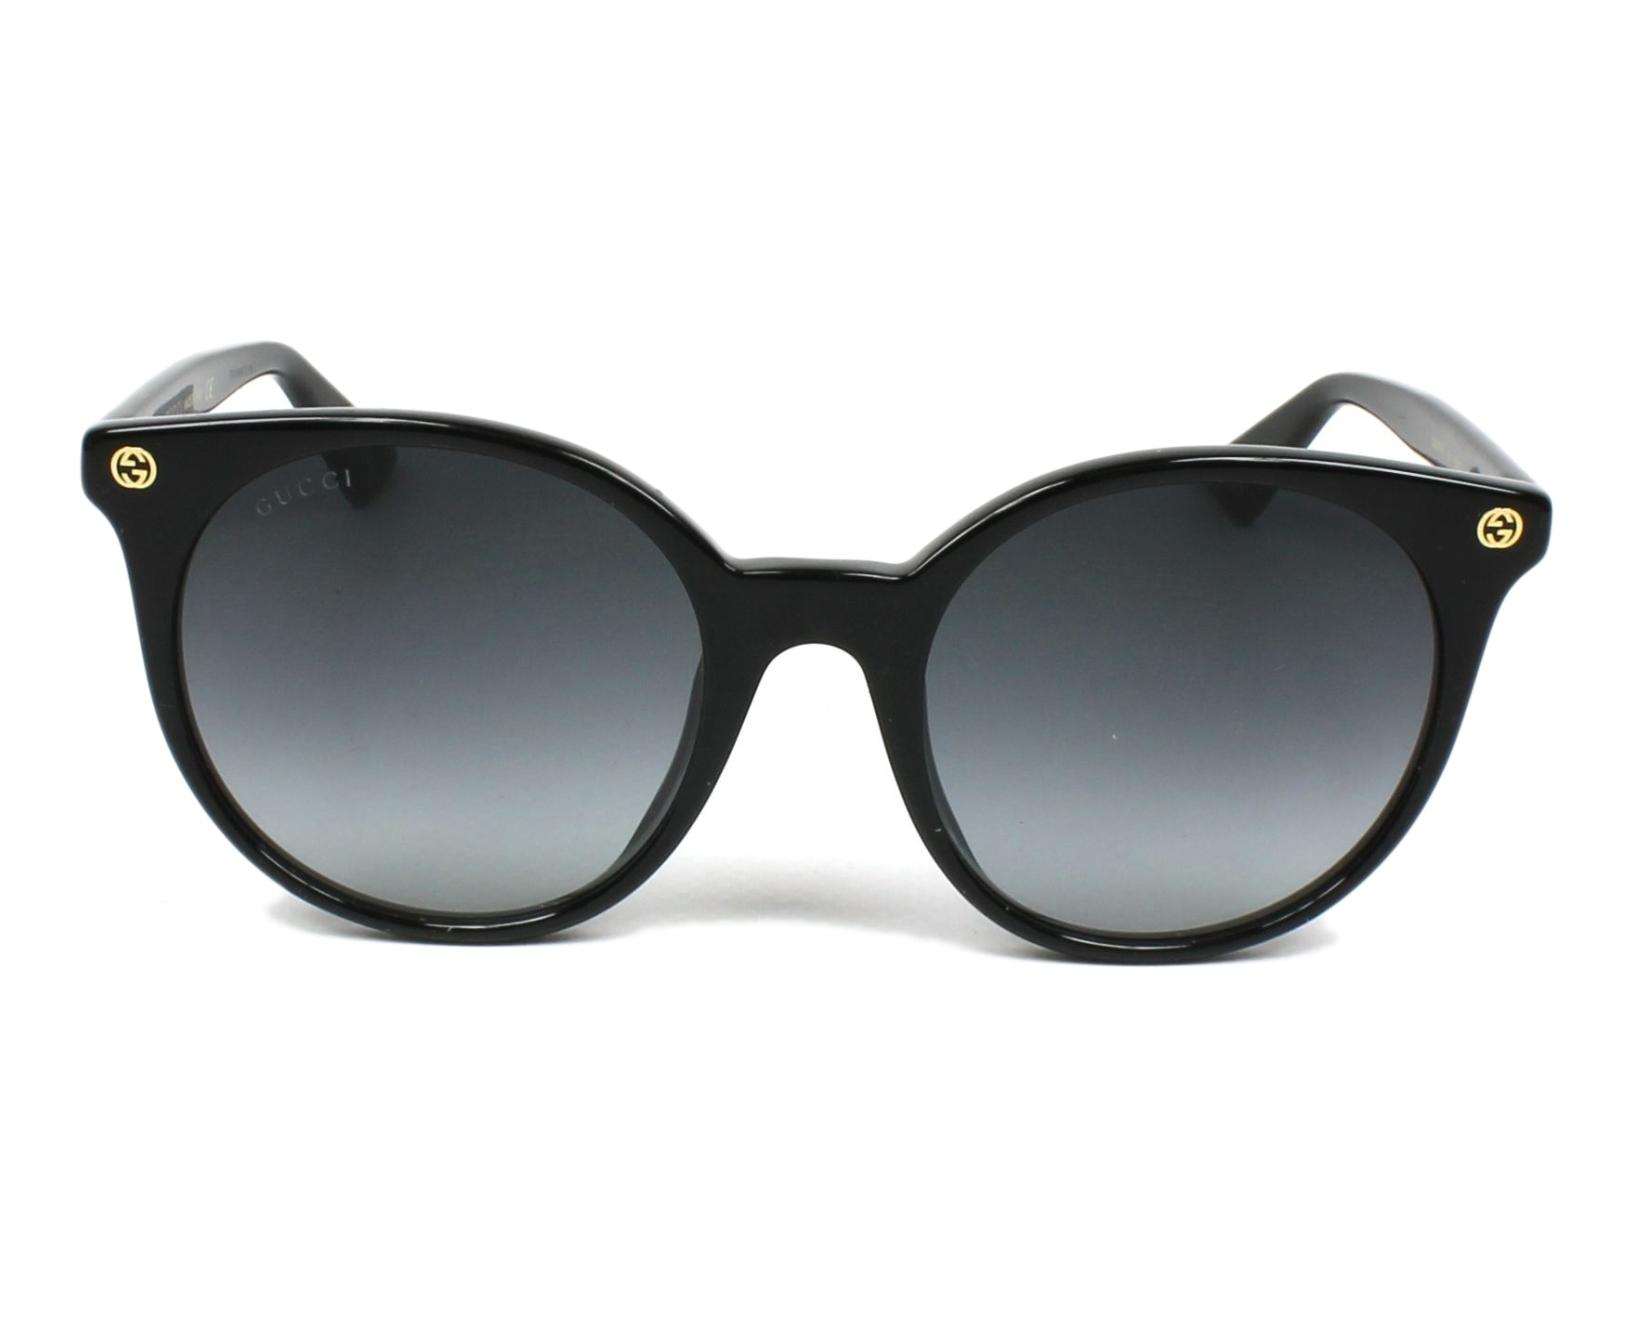 f6aadc570c Gucci New Season Sunglasses